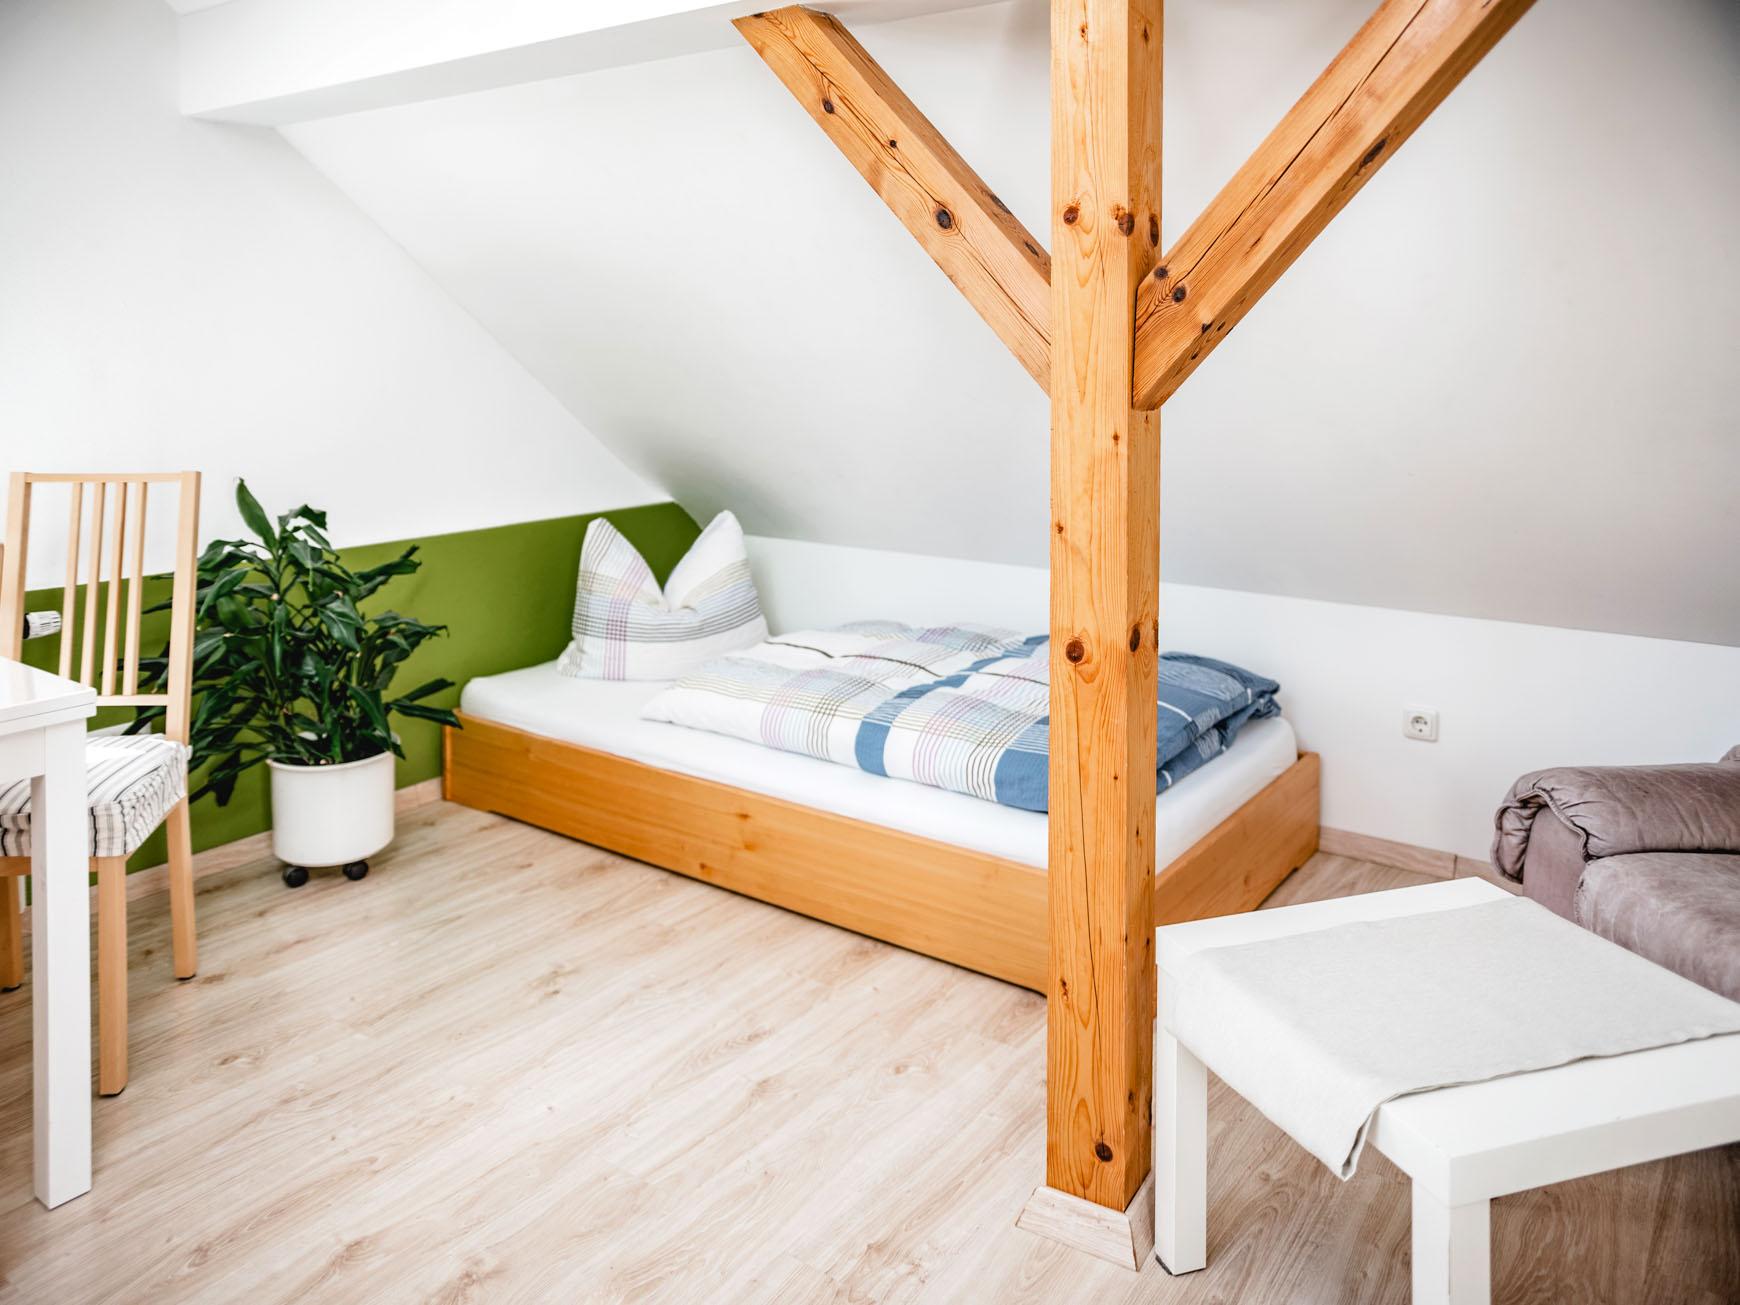 Ferienwohnung - Mehrbettzimmer Einzelbett